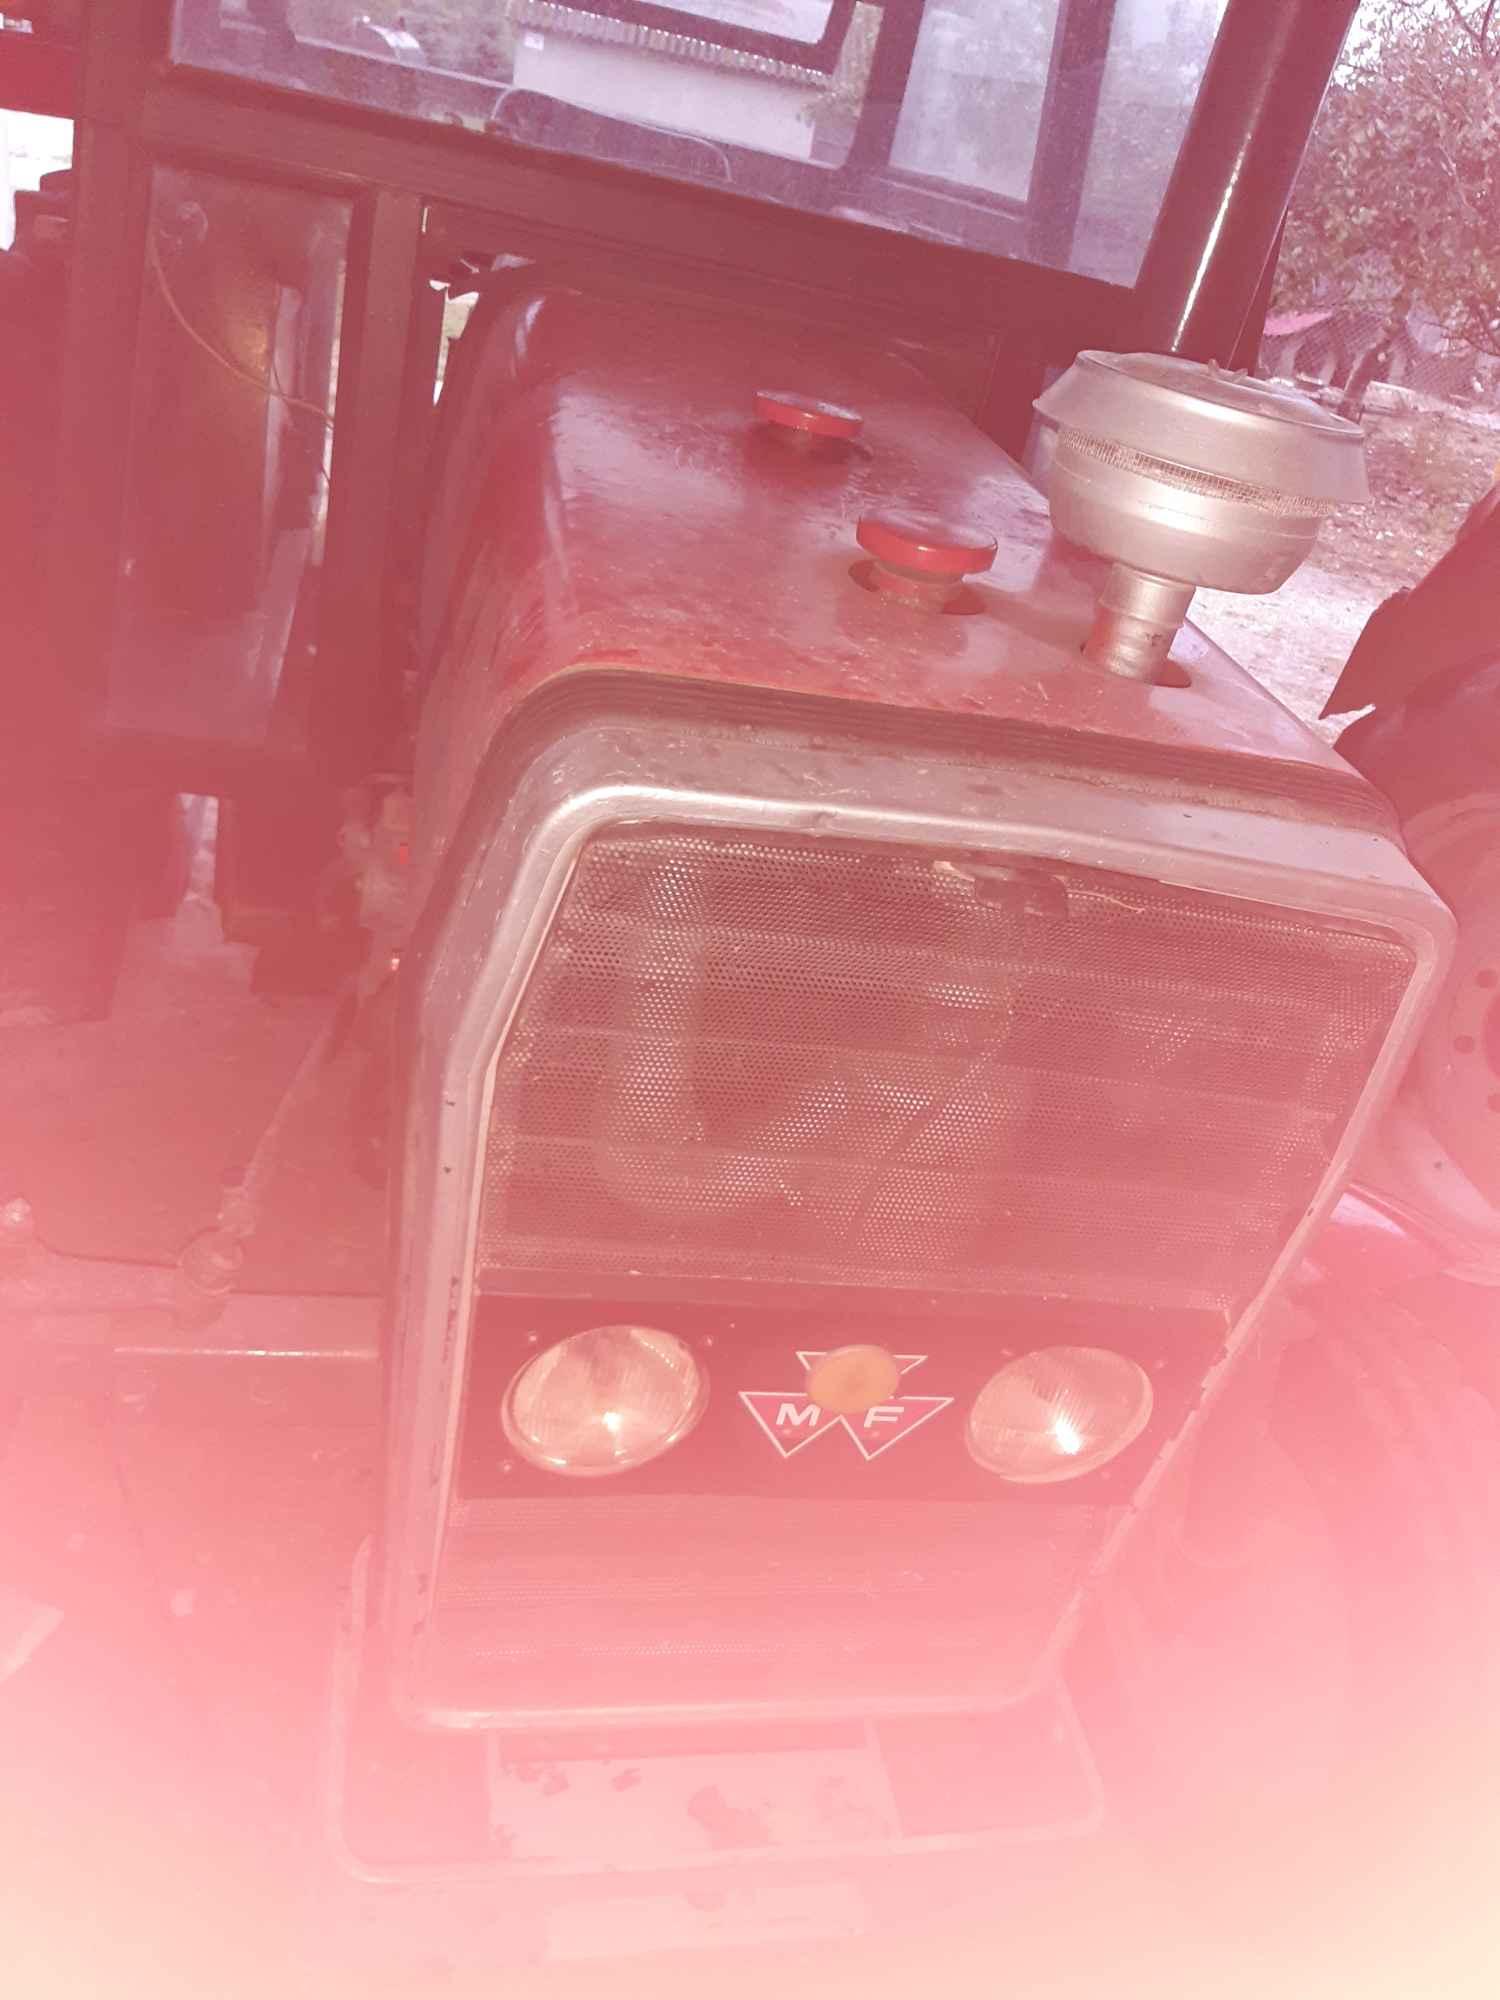 Sprzedam ciągnik MF 255 Kolonia Bobrowska Wola - zdjęcie 7